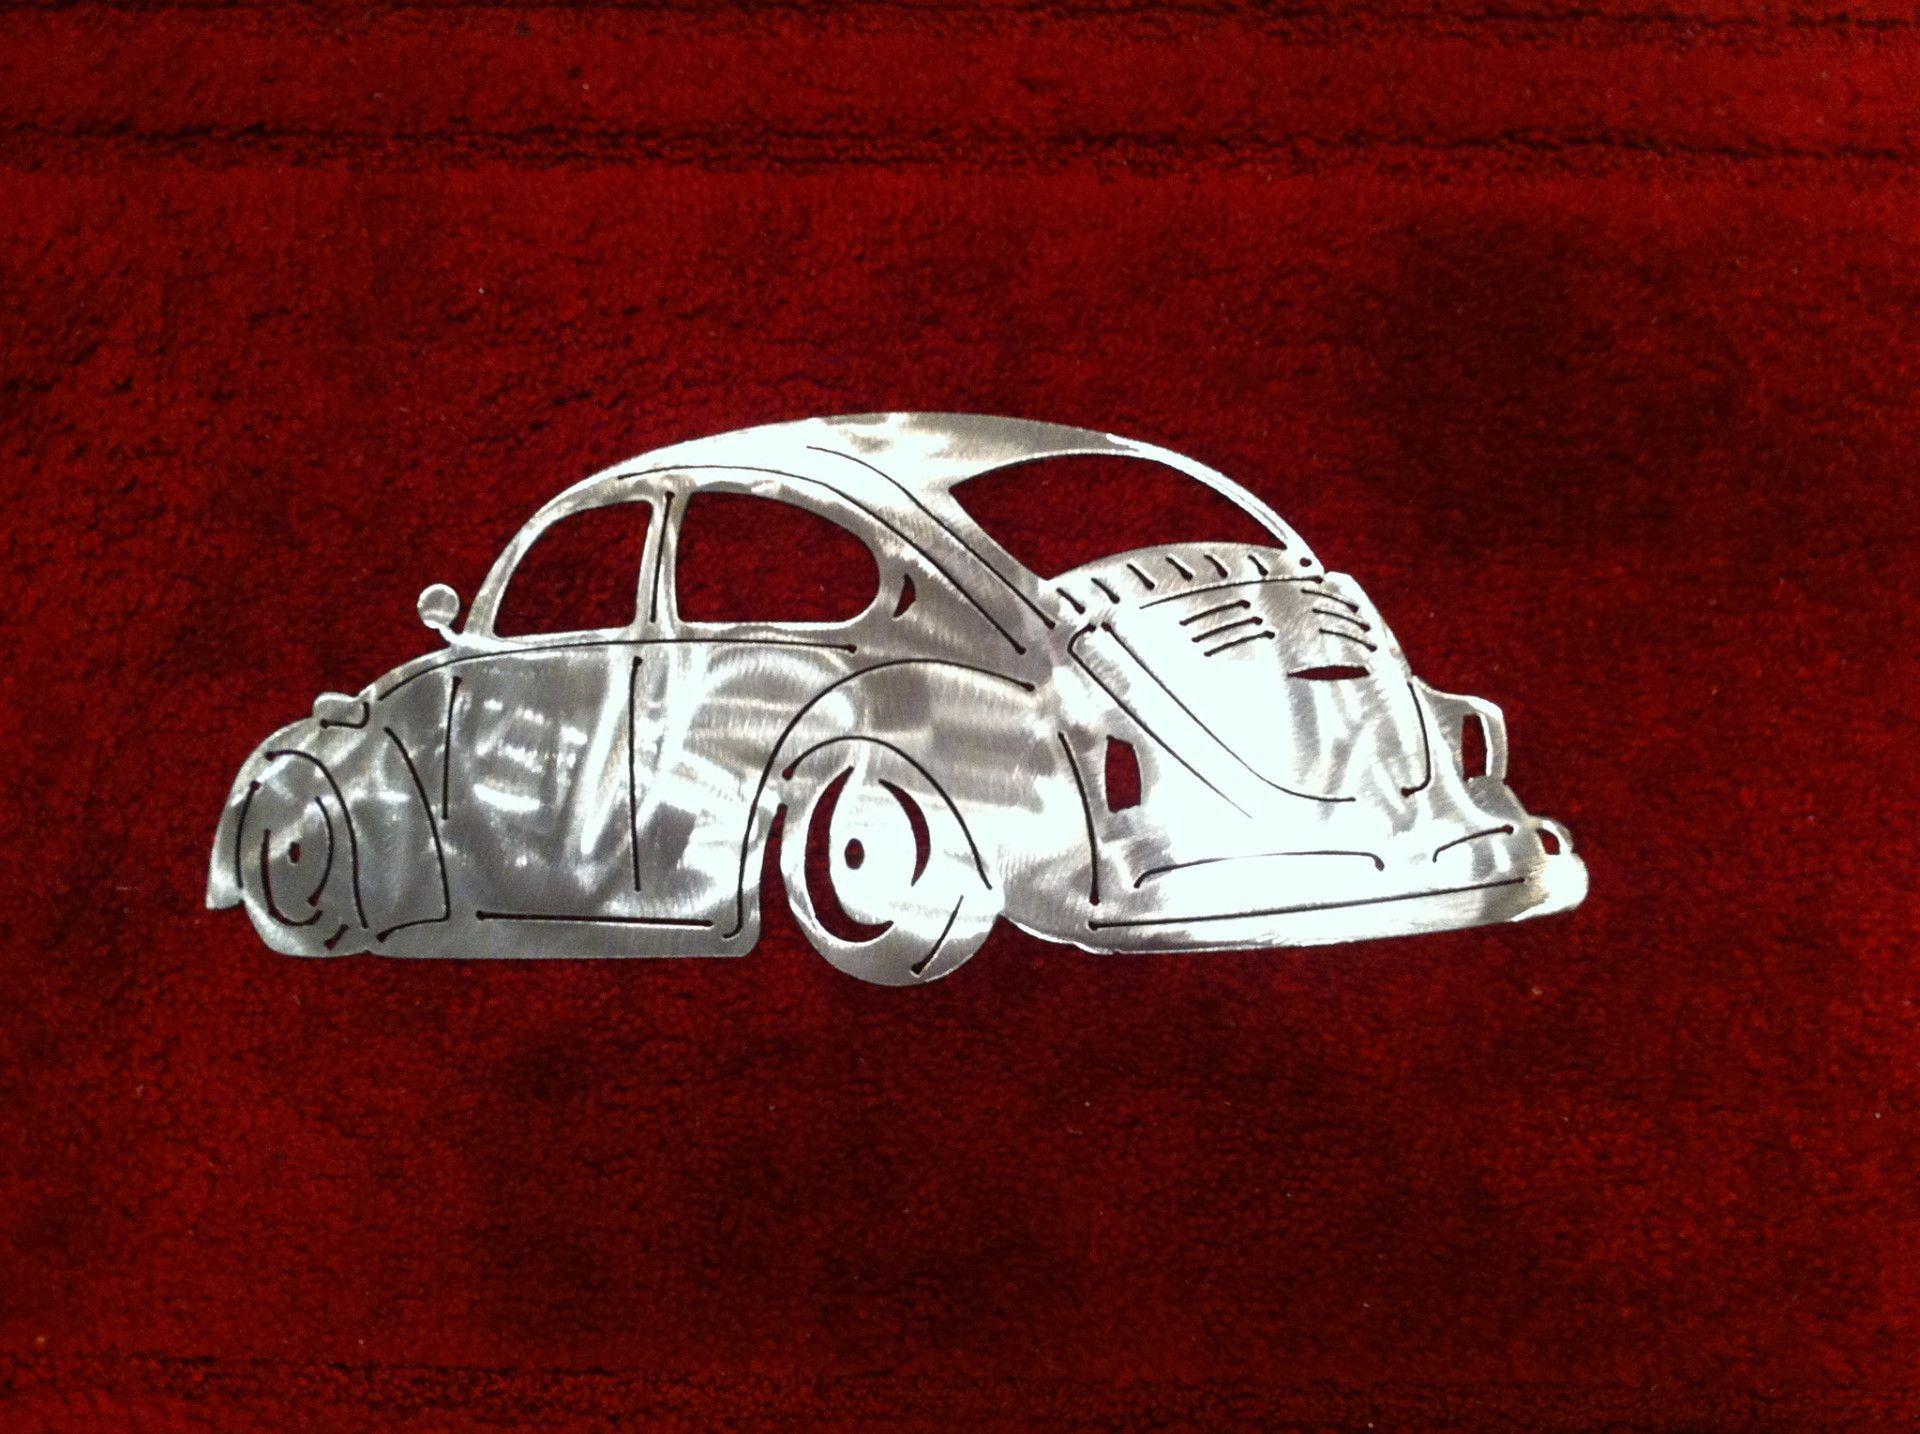 Volkswagen Beetle Metal Art Vw Metal Art Volkswagen Beetle Vw Beetle Classic Beetle